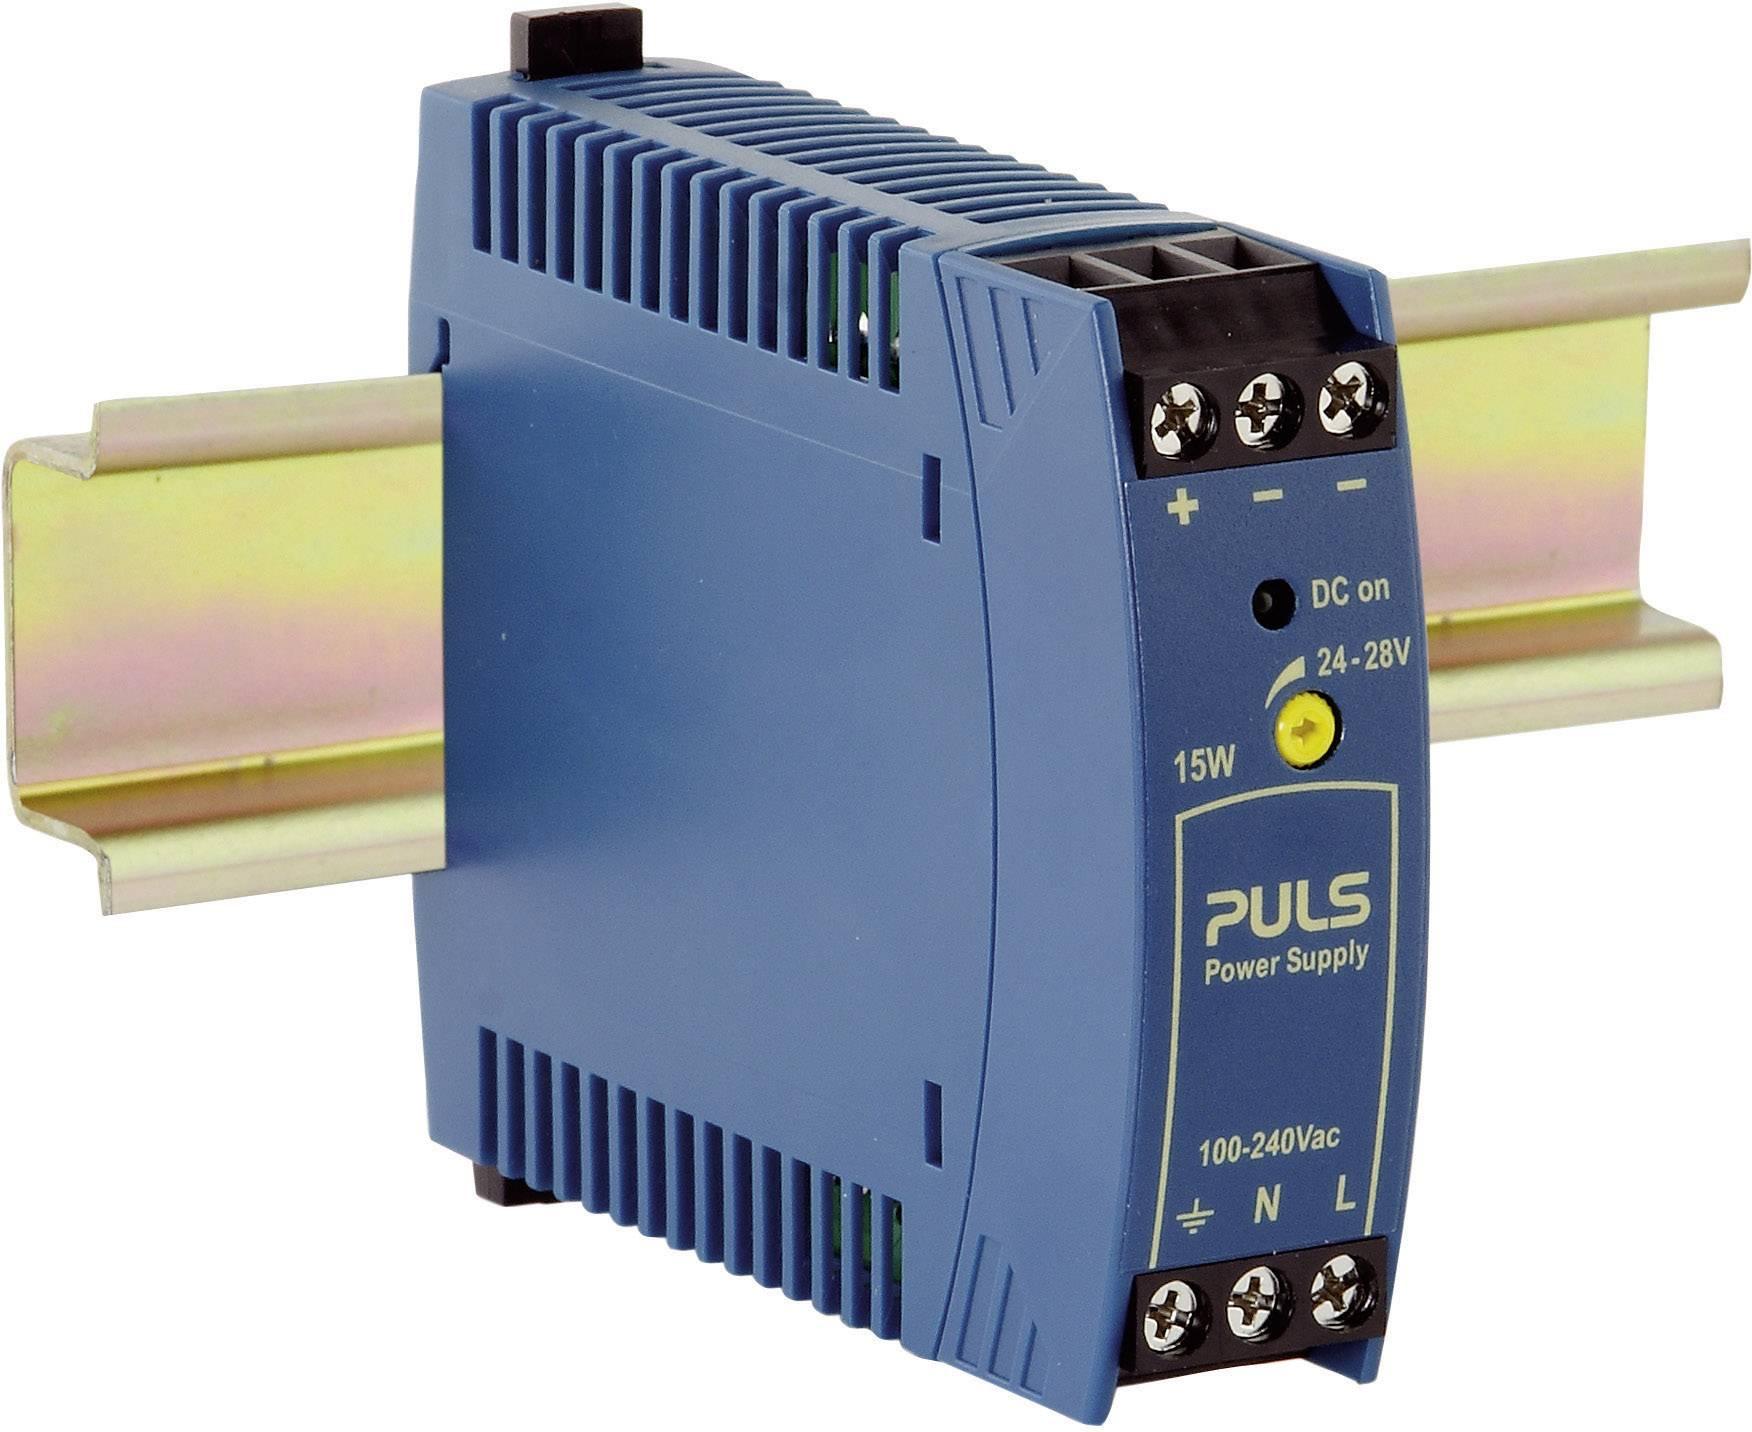 Sieťový zdroj na montážnu lištu (DIN lištu) PULS MiniLine ML15.241, 1 x, 24 V/DC, 0.63 A, 15 W